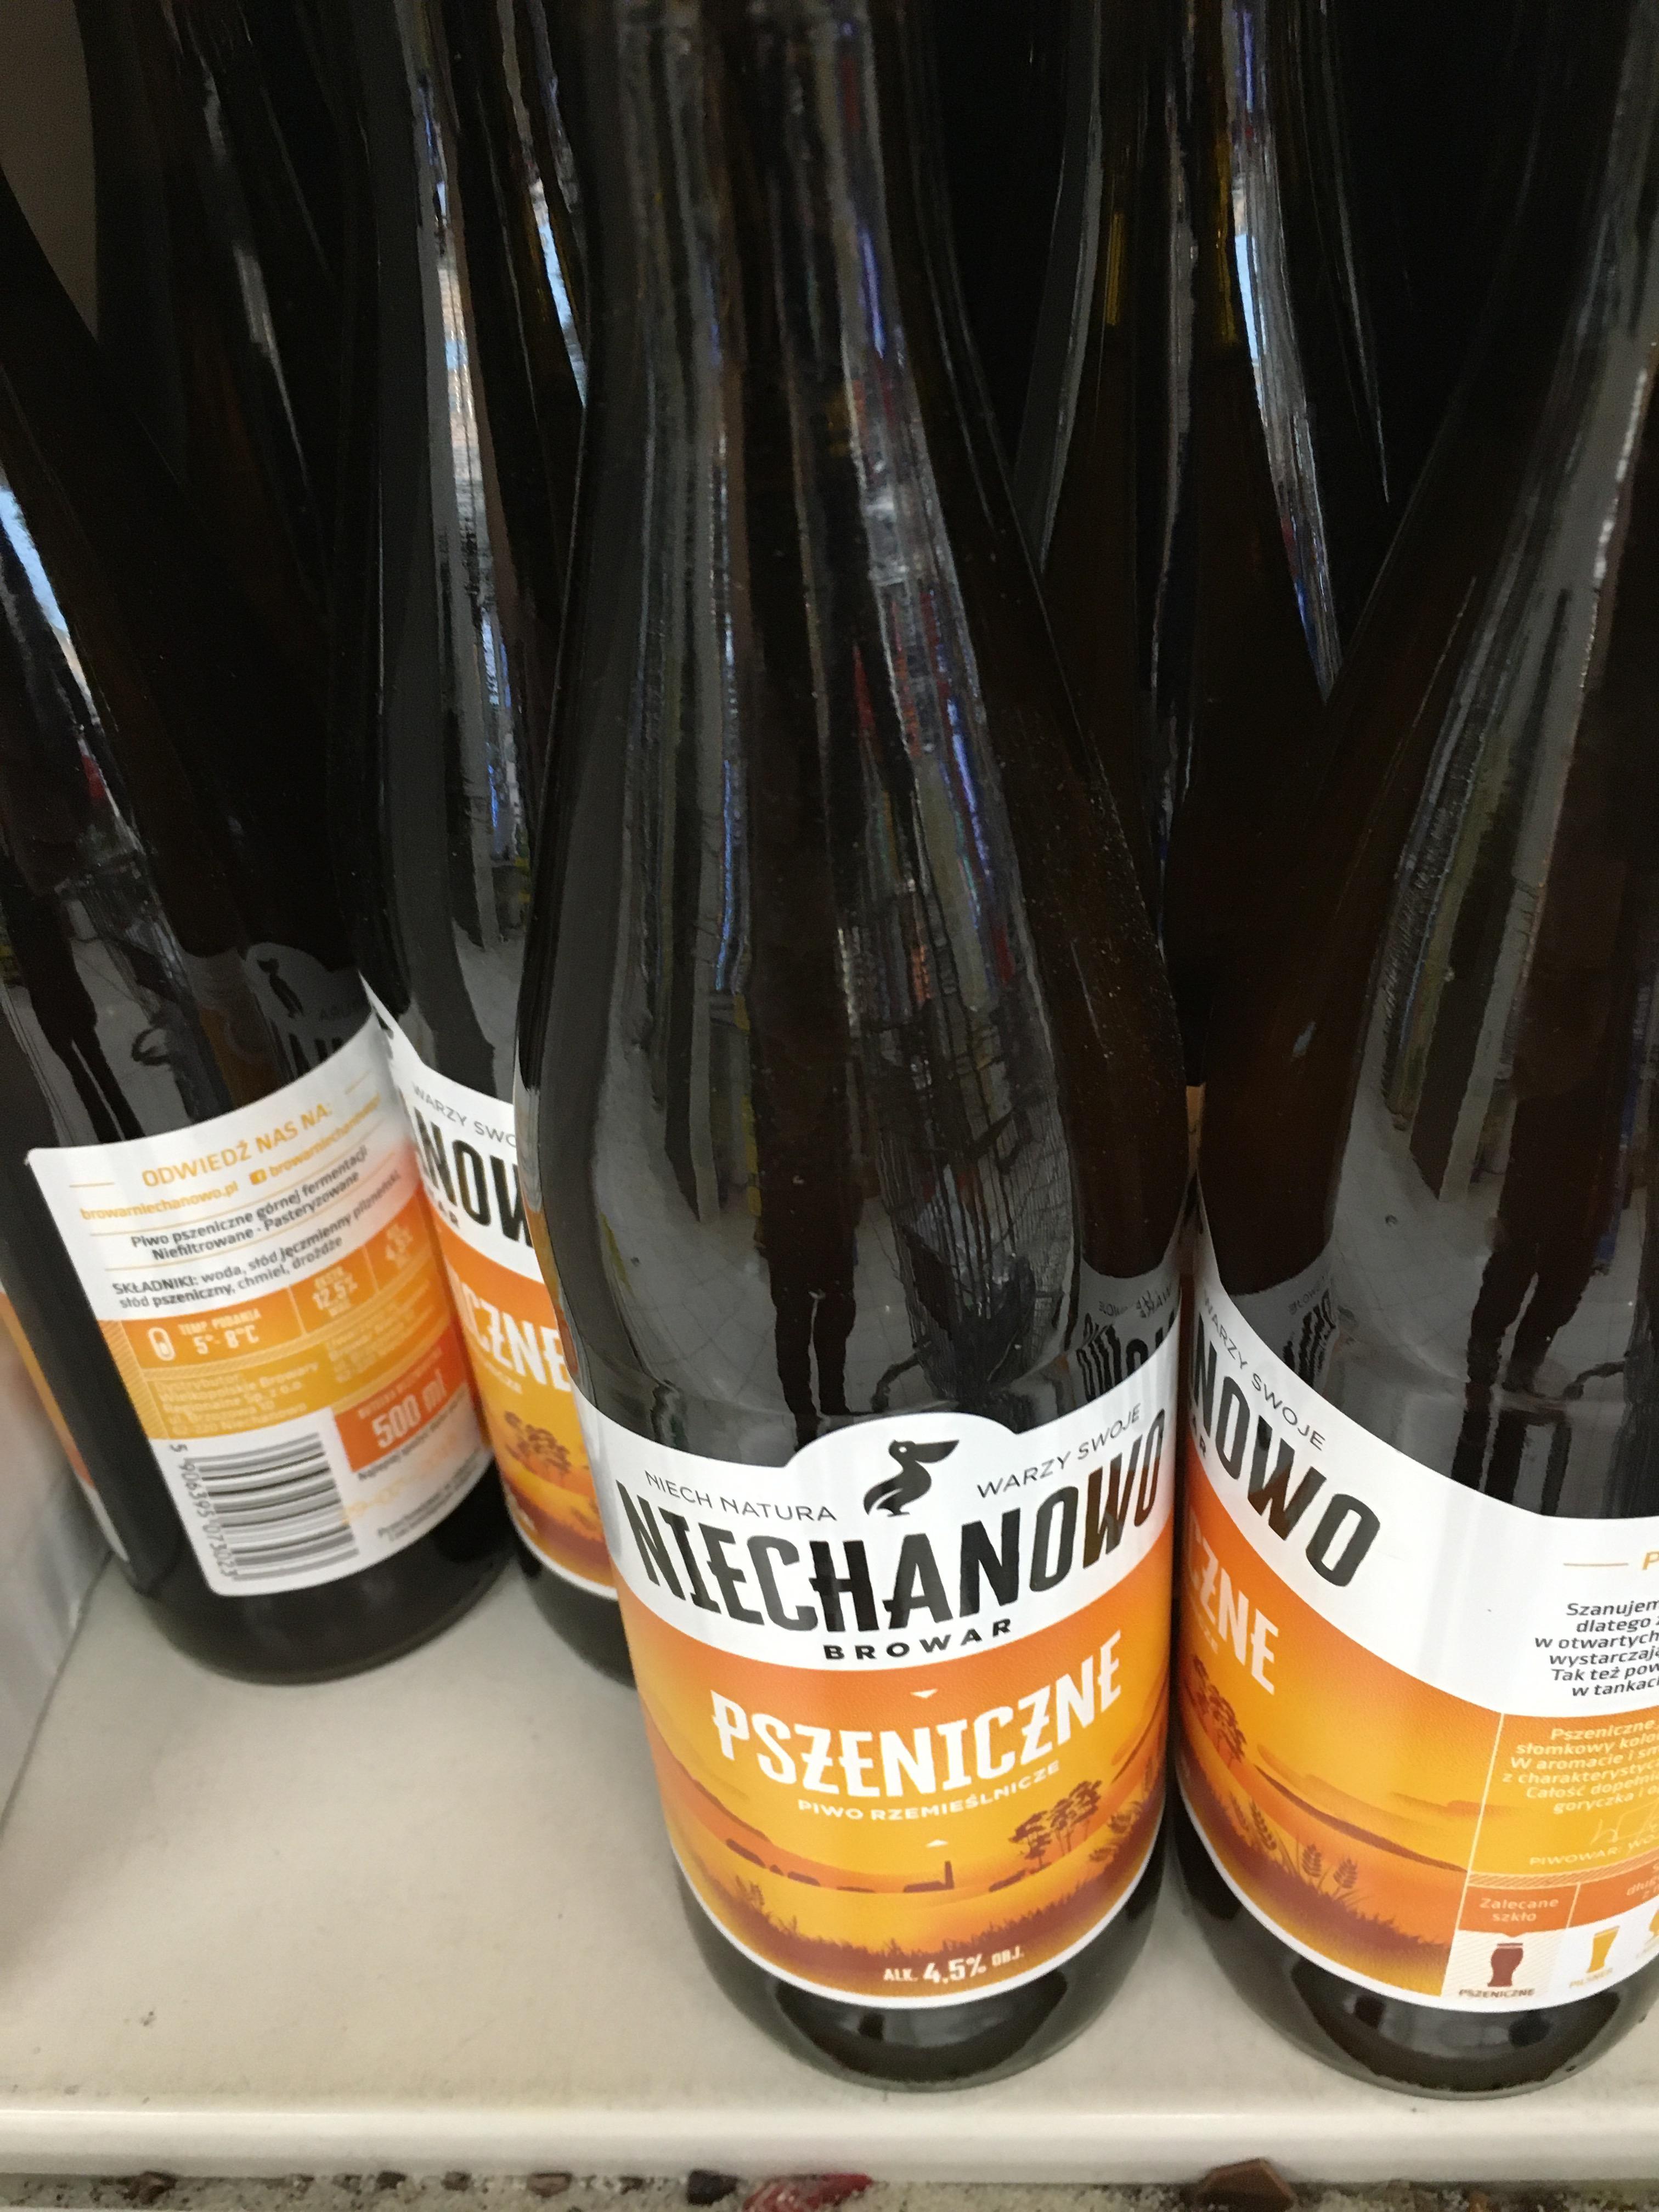 Piwo pszeniczne przemieślnicze, browar Niechanowo - TESCO Magnolia Park, Wrocław (bez kaucji). Termin 29.07